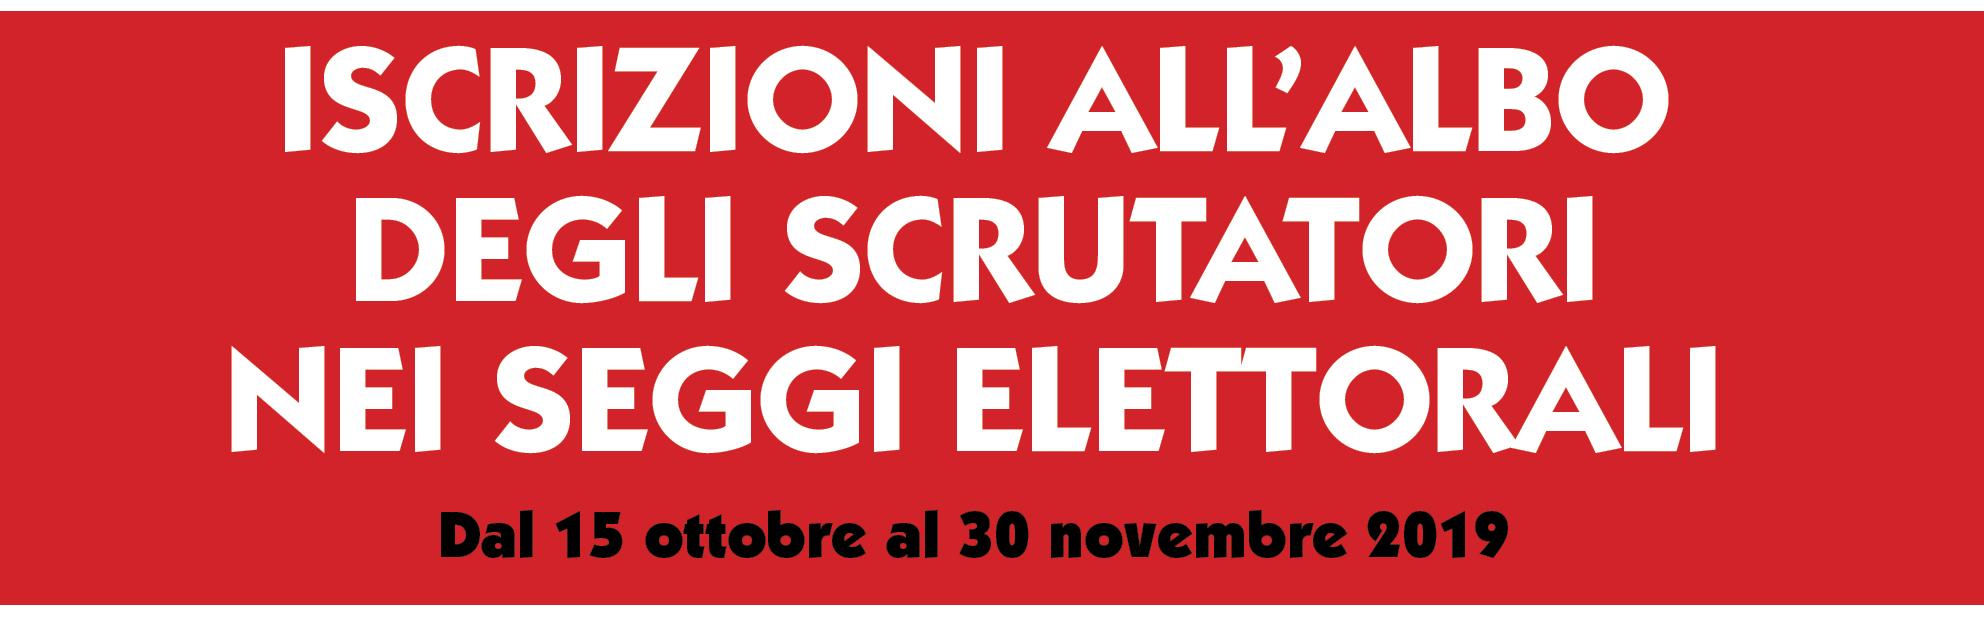 Manifesto-scrutatori-2.png